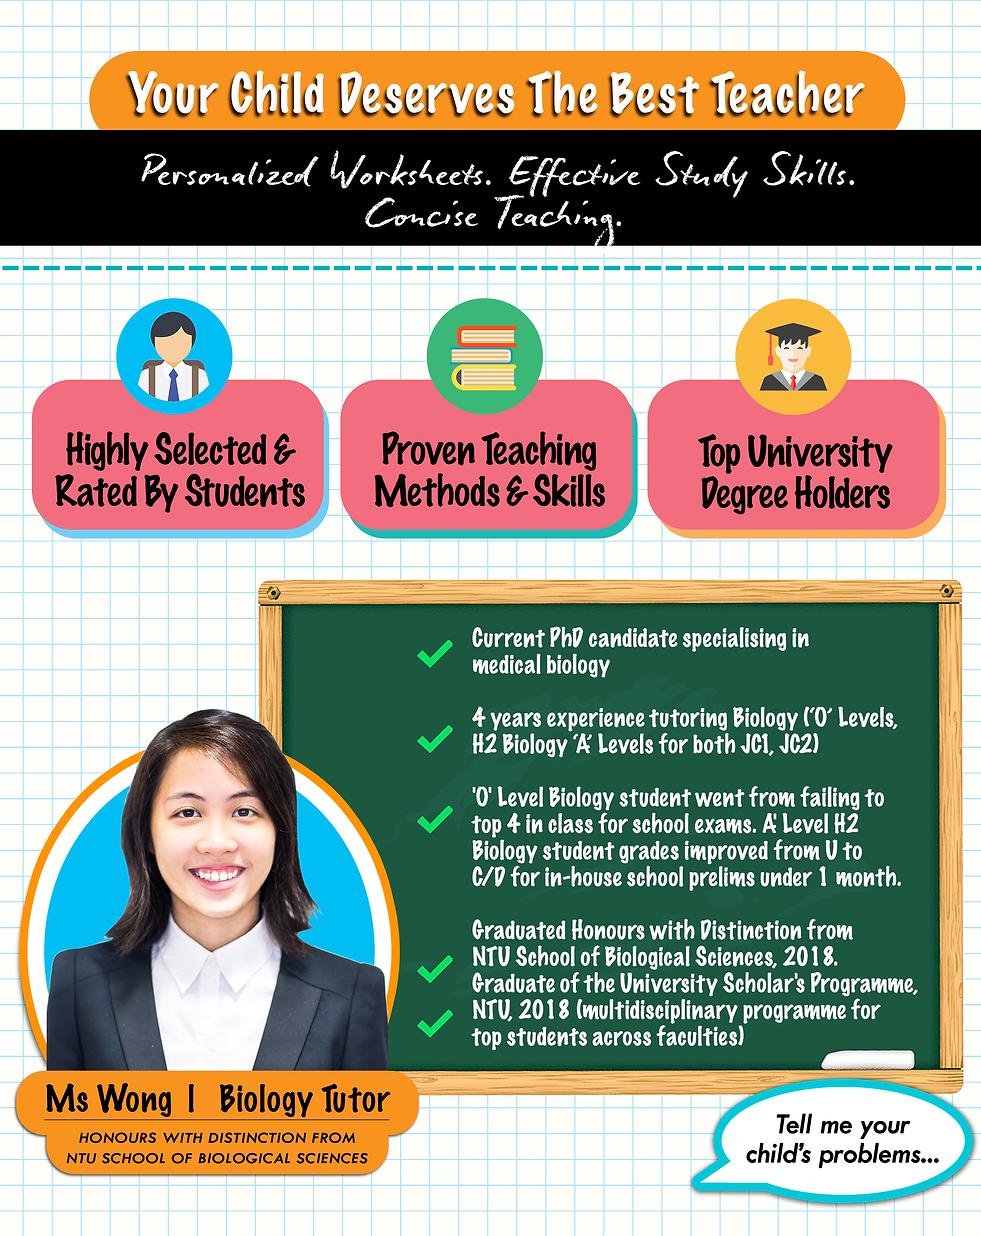 SubjectPage_Teacher-MsWong_BiologyTutor.